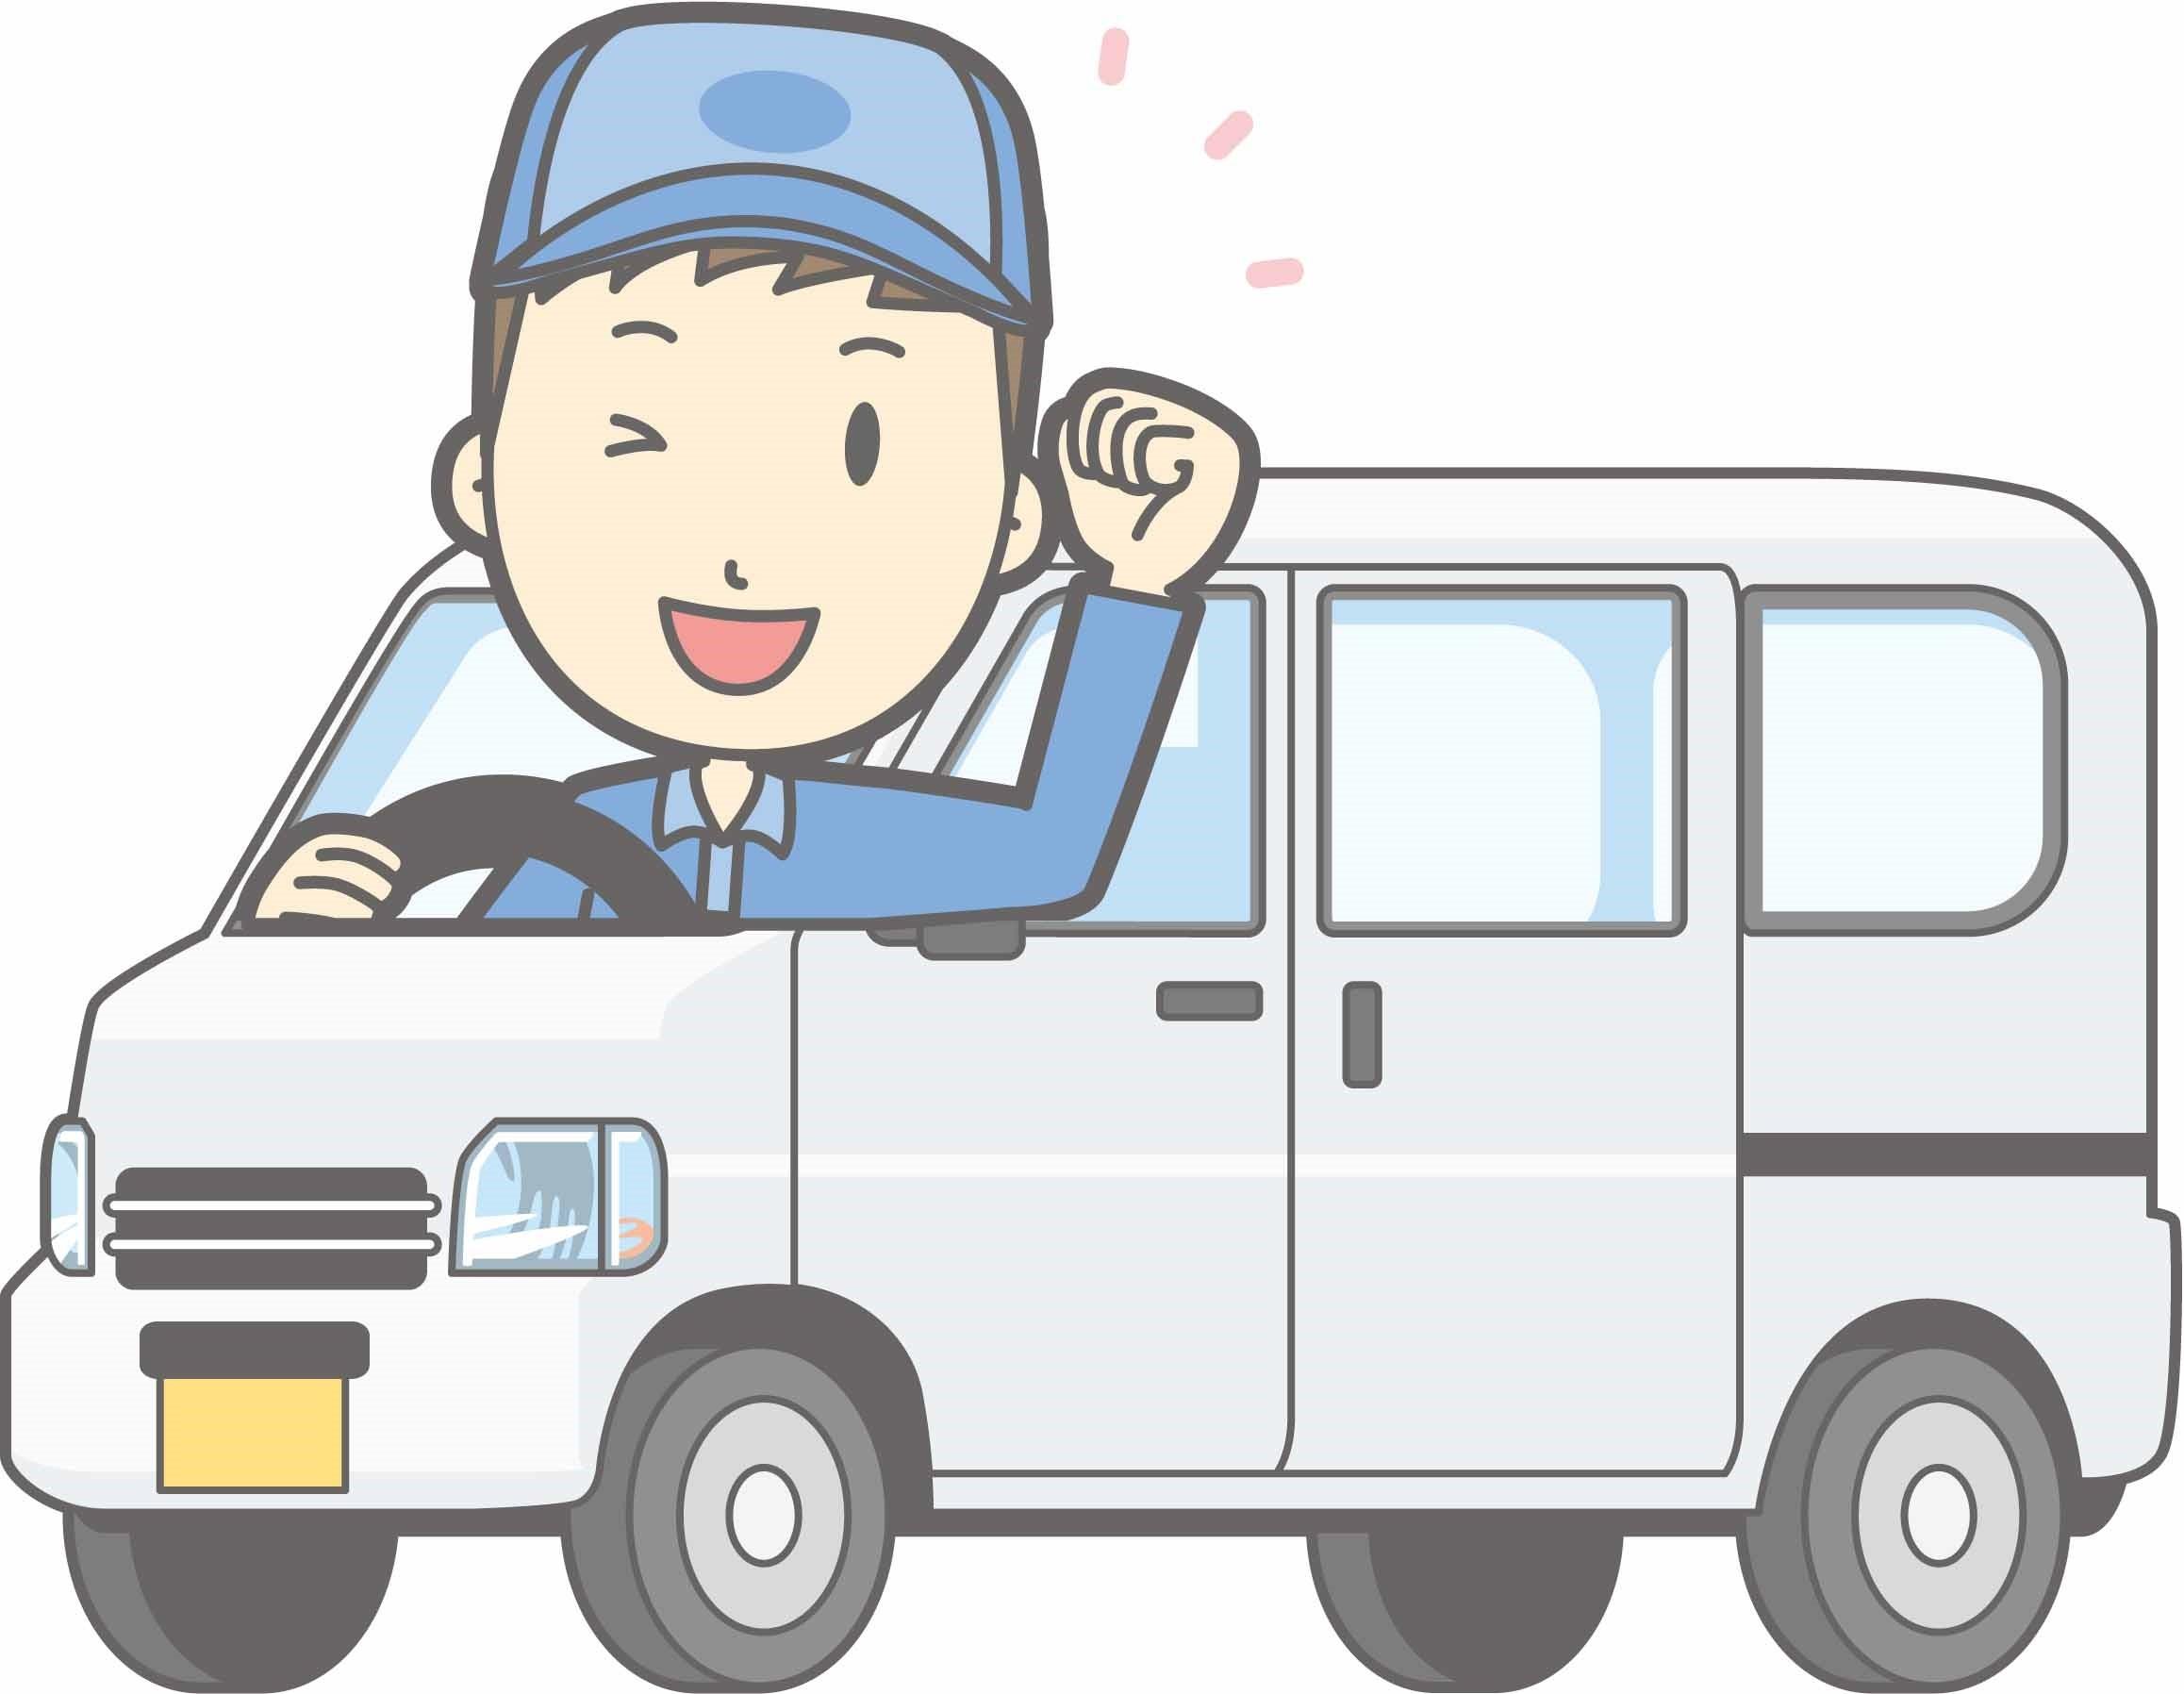 スマートライン株式会社 大田区久が原エリア 配達スタッフ(車両)のアルバイト情報